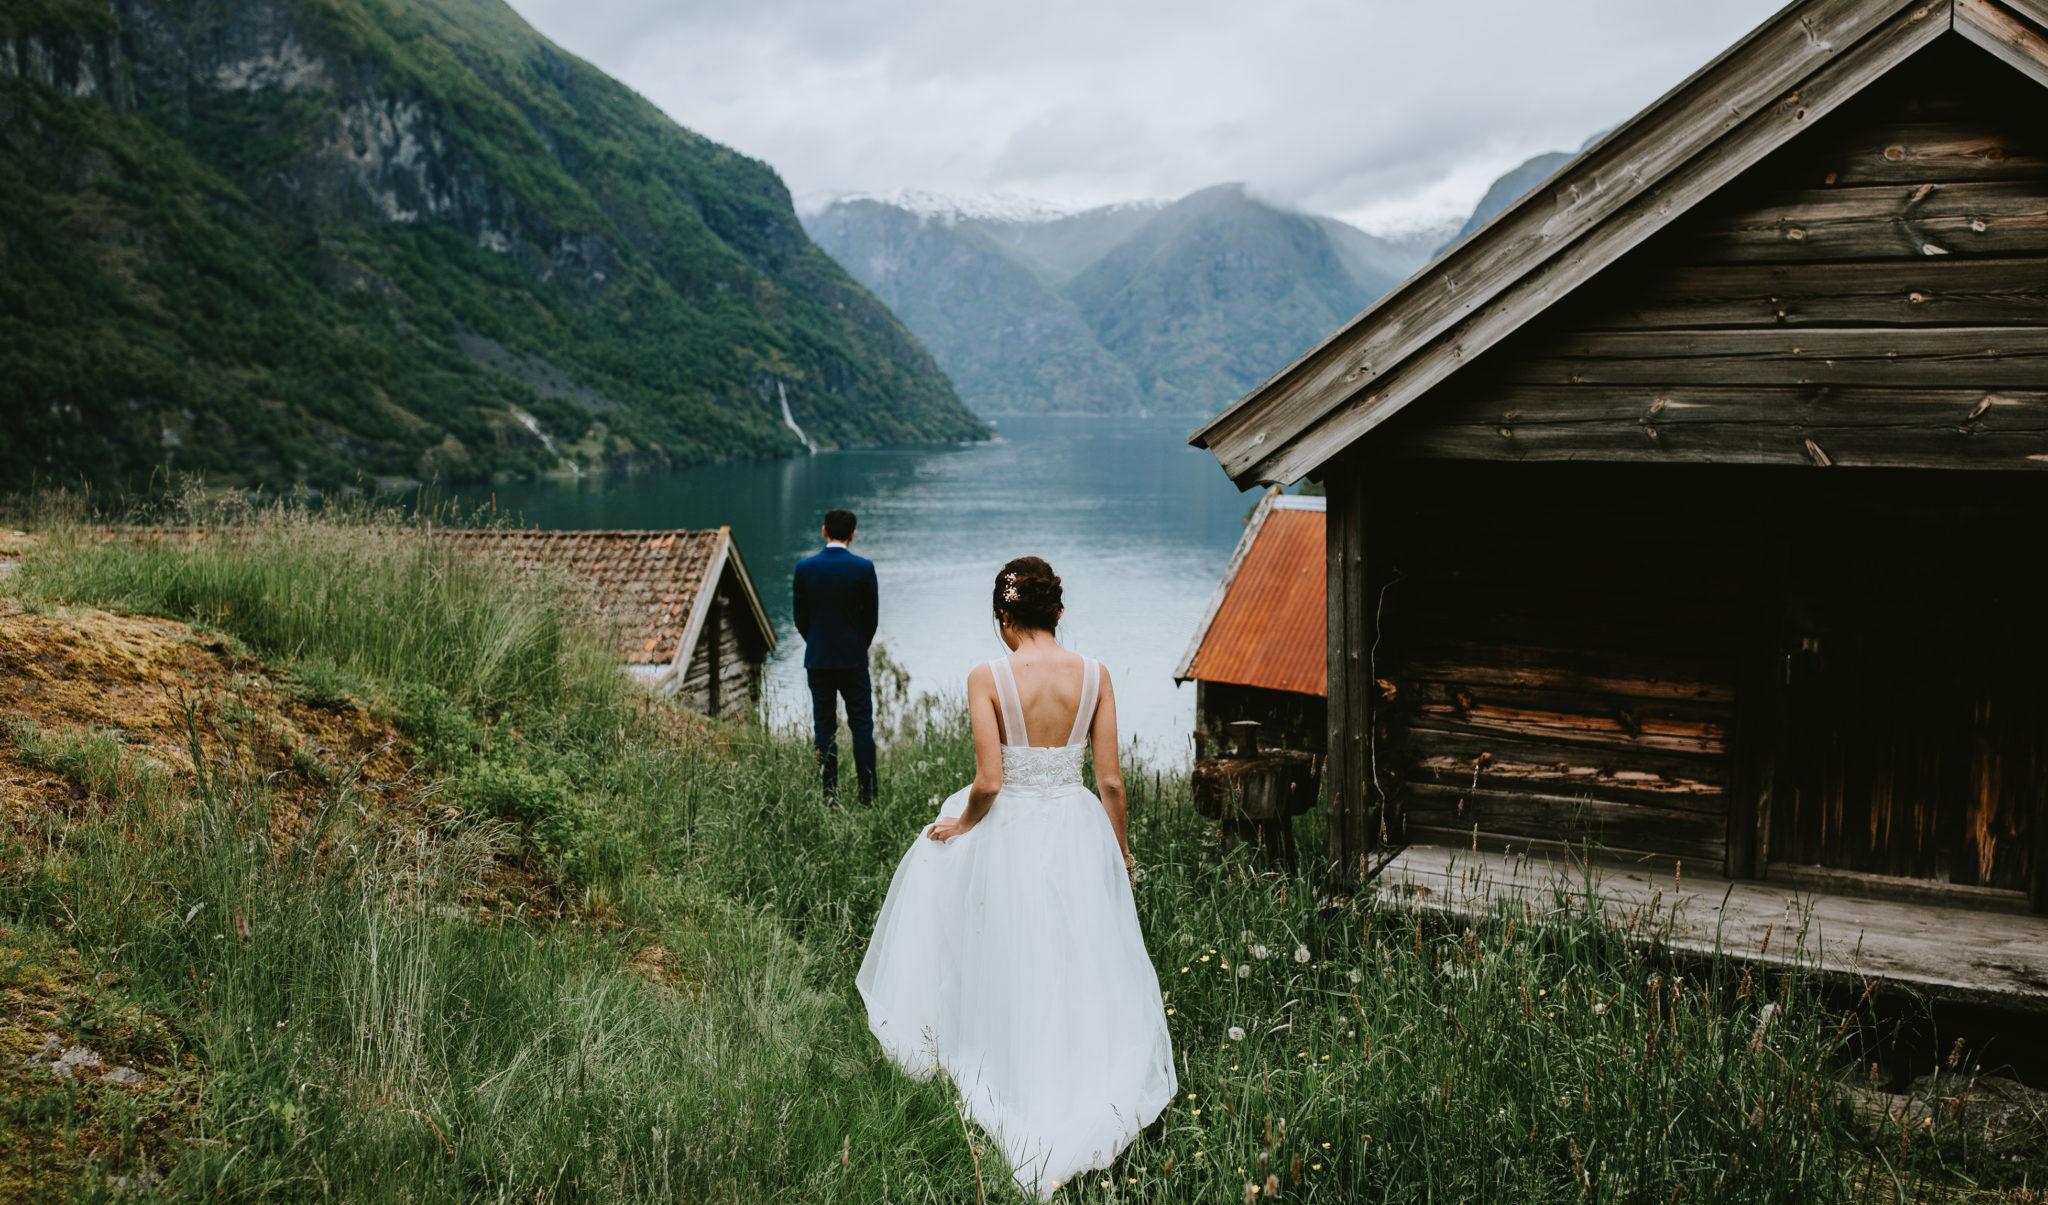 Otternes bydgetun ottogarden aurland flåm Norway elopement wedding photographer